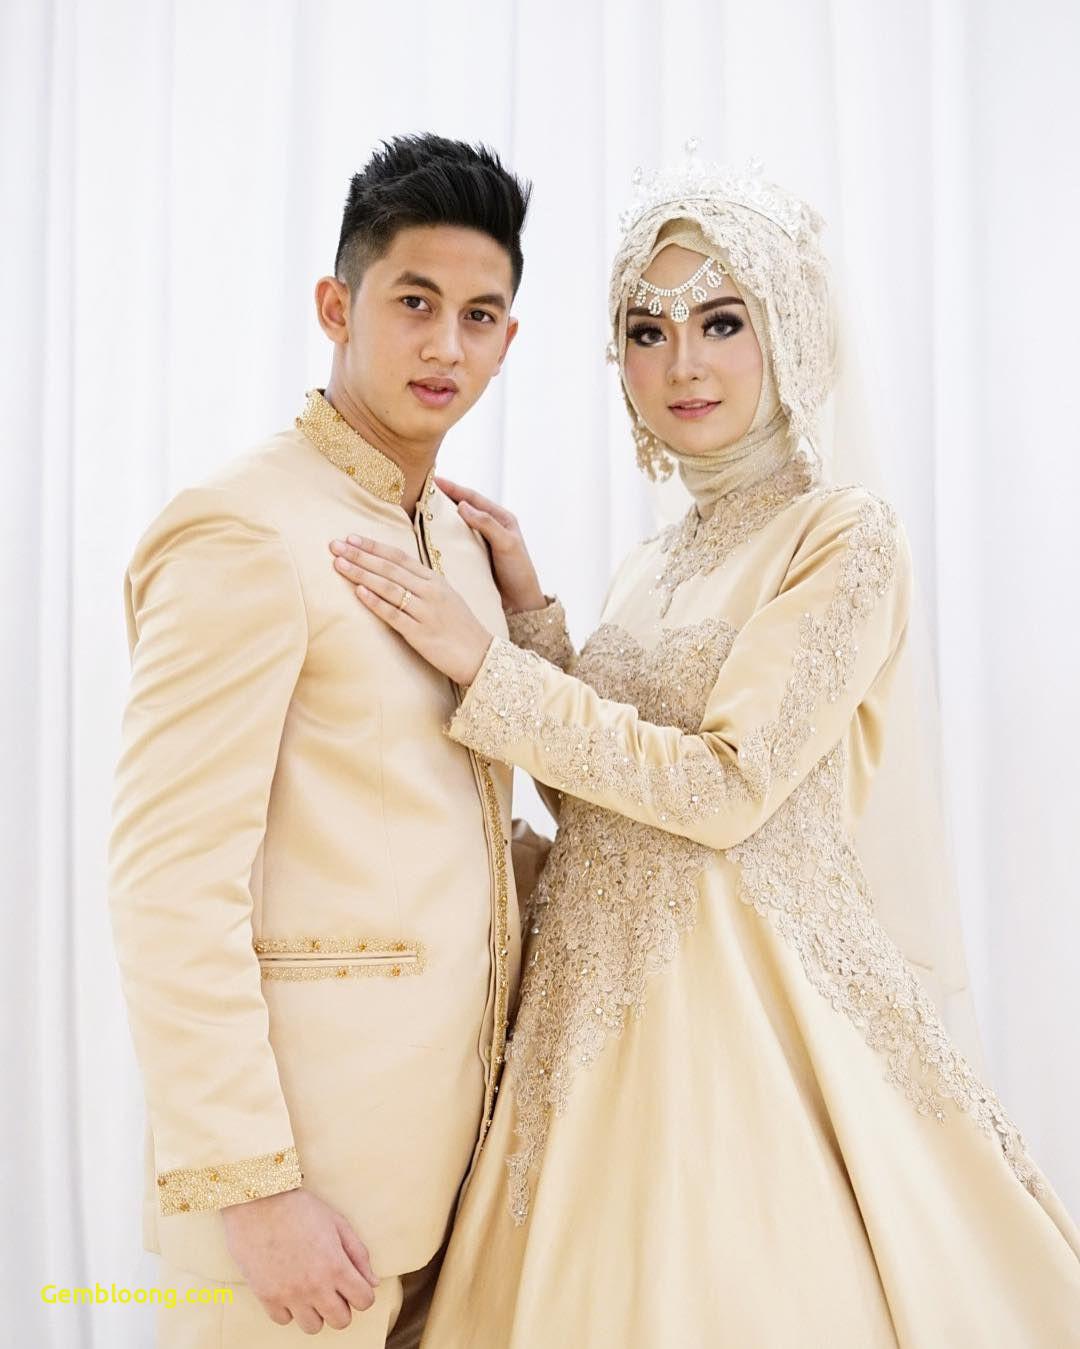 Gaun Sederhana Pengantin Berhijab Awesome 12 Desain Gaun Pernikahan Muslimah Elegan Nan Sederhana